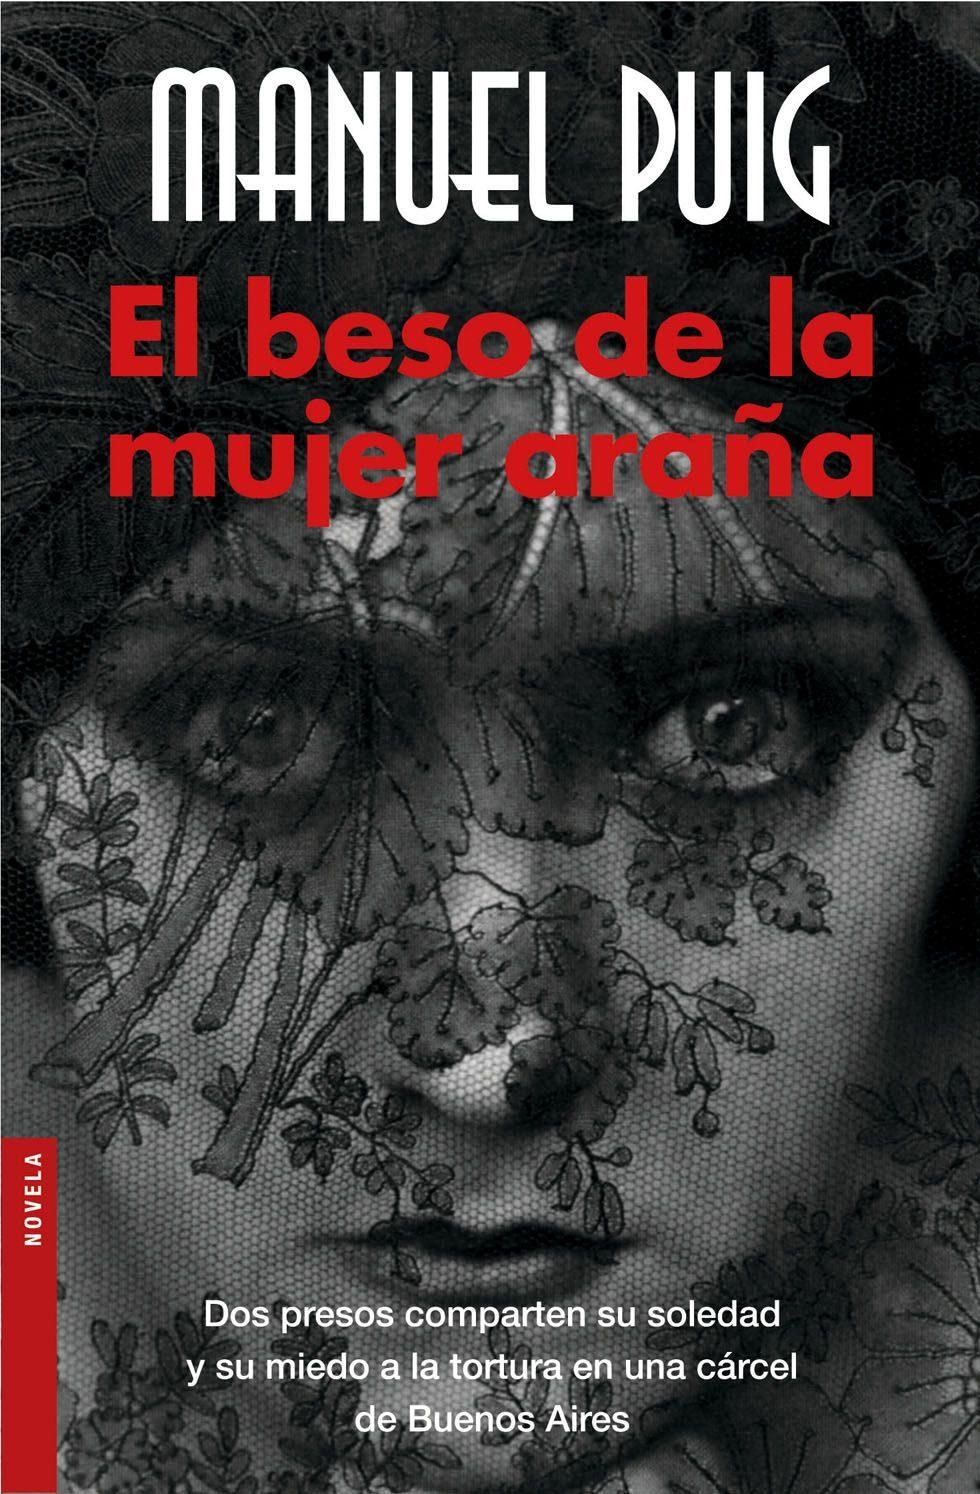 El beso de la mujer araña – Manuel Puig